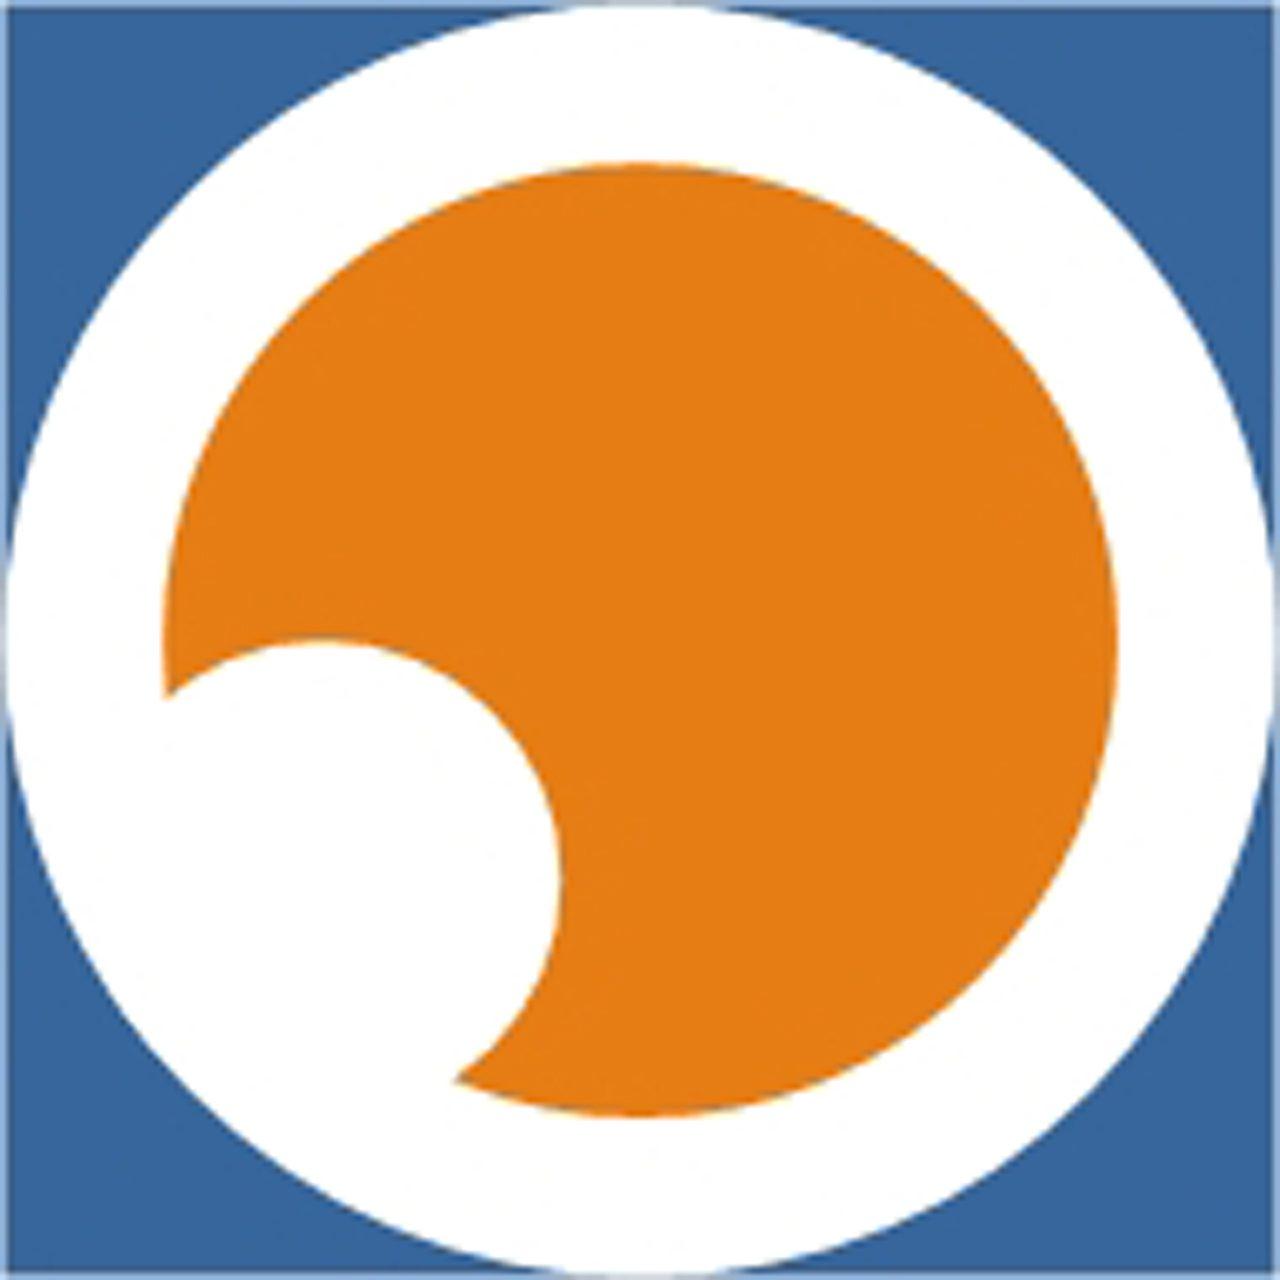 Holtech Group Pty Ltd